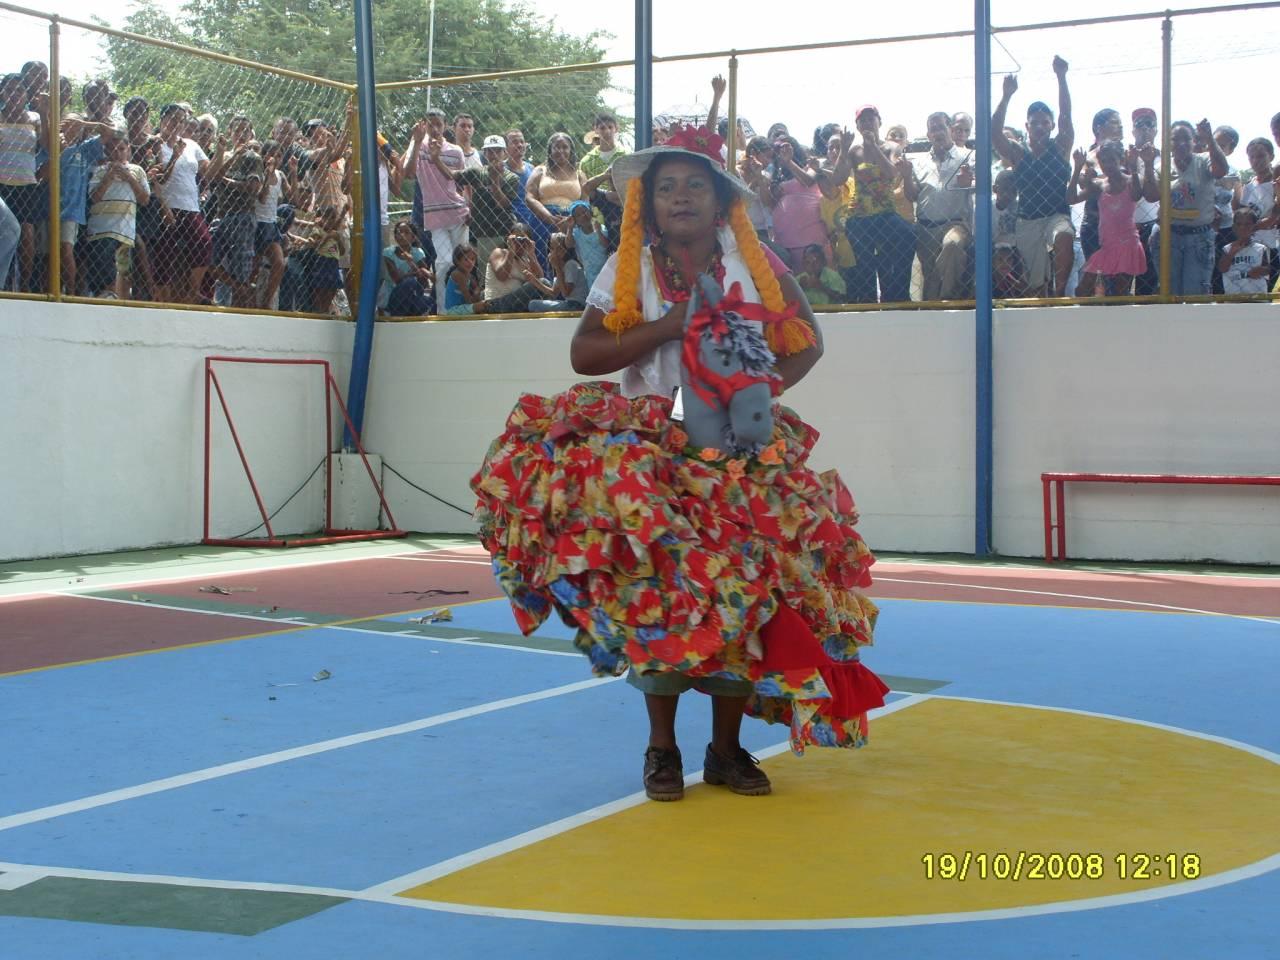 La Burriquita - Venezuela Tuya